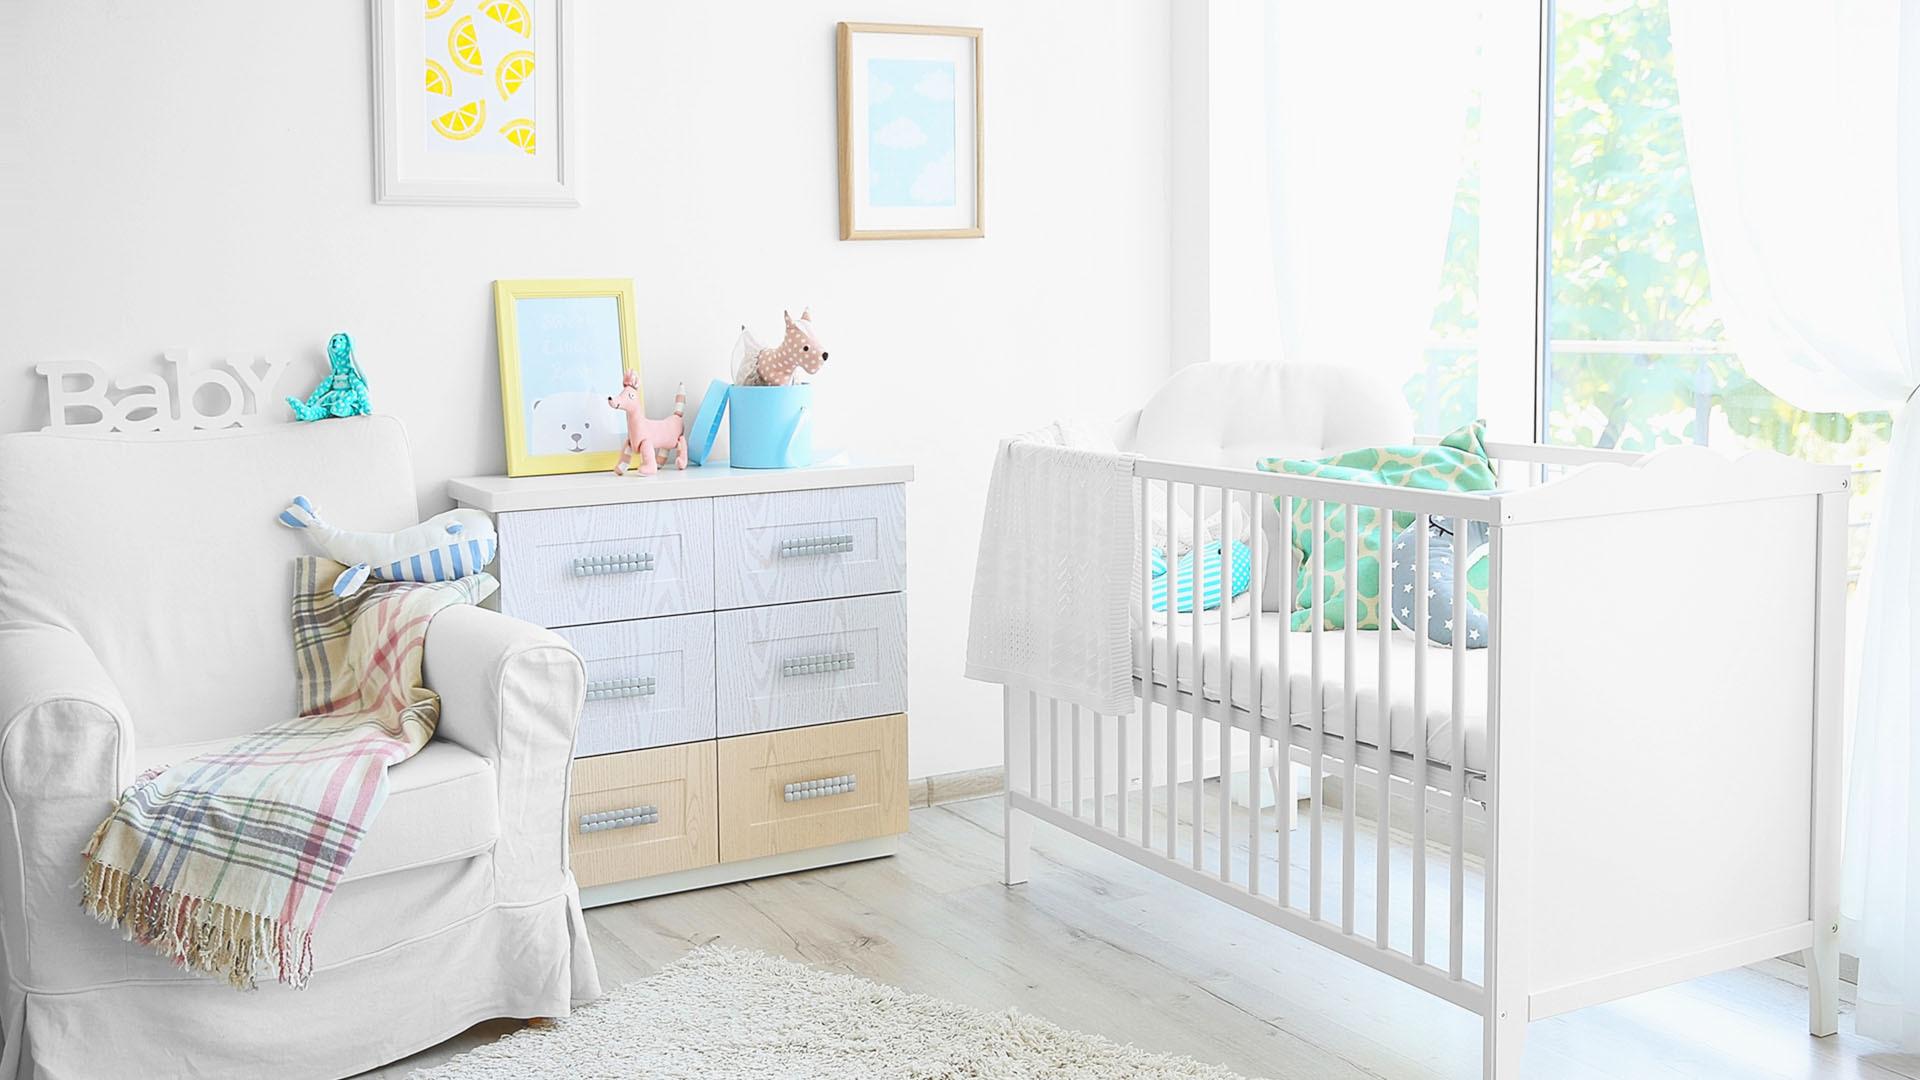 Cum pregatim camera bebelusului pentru somn